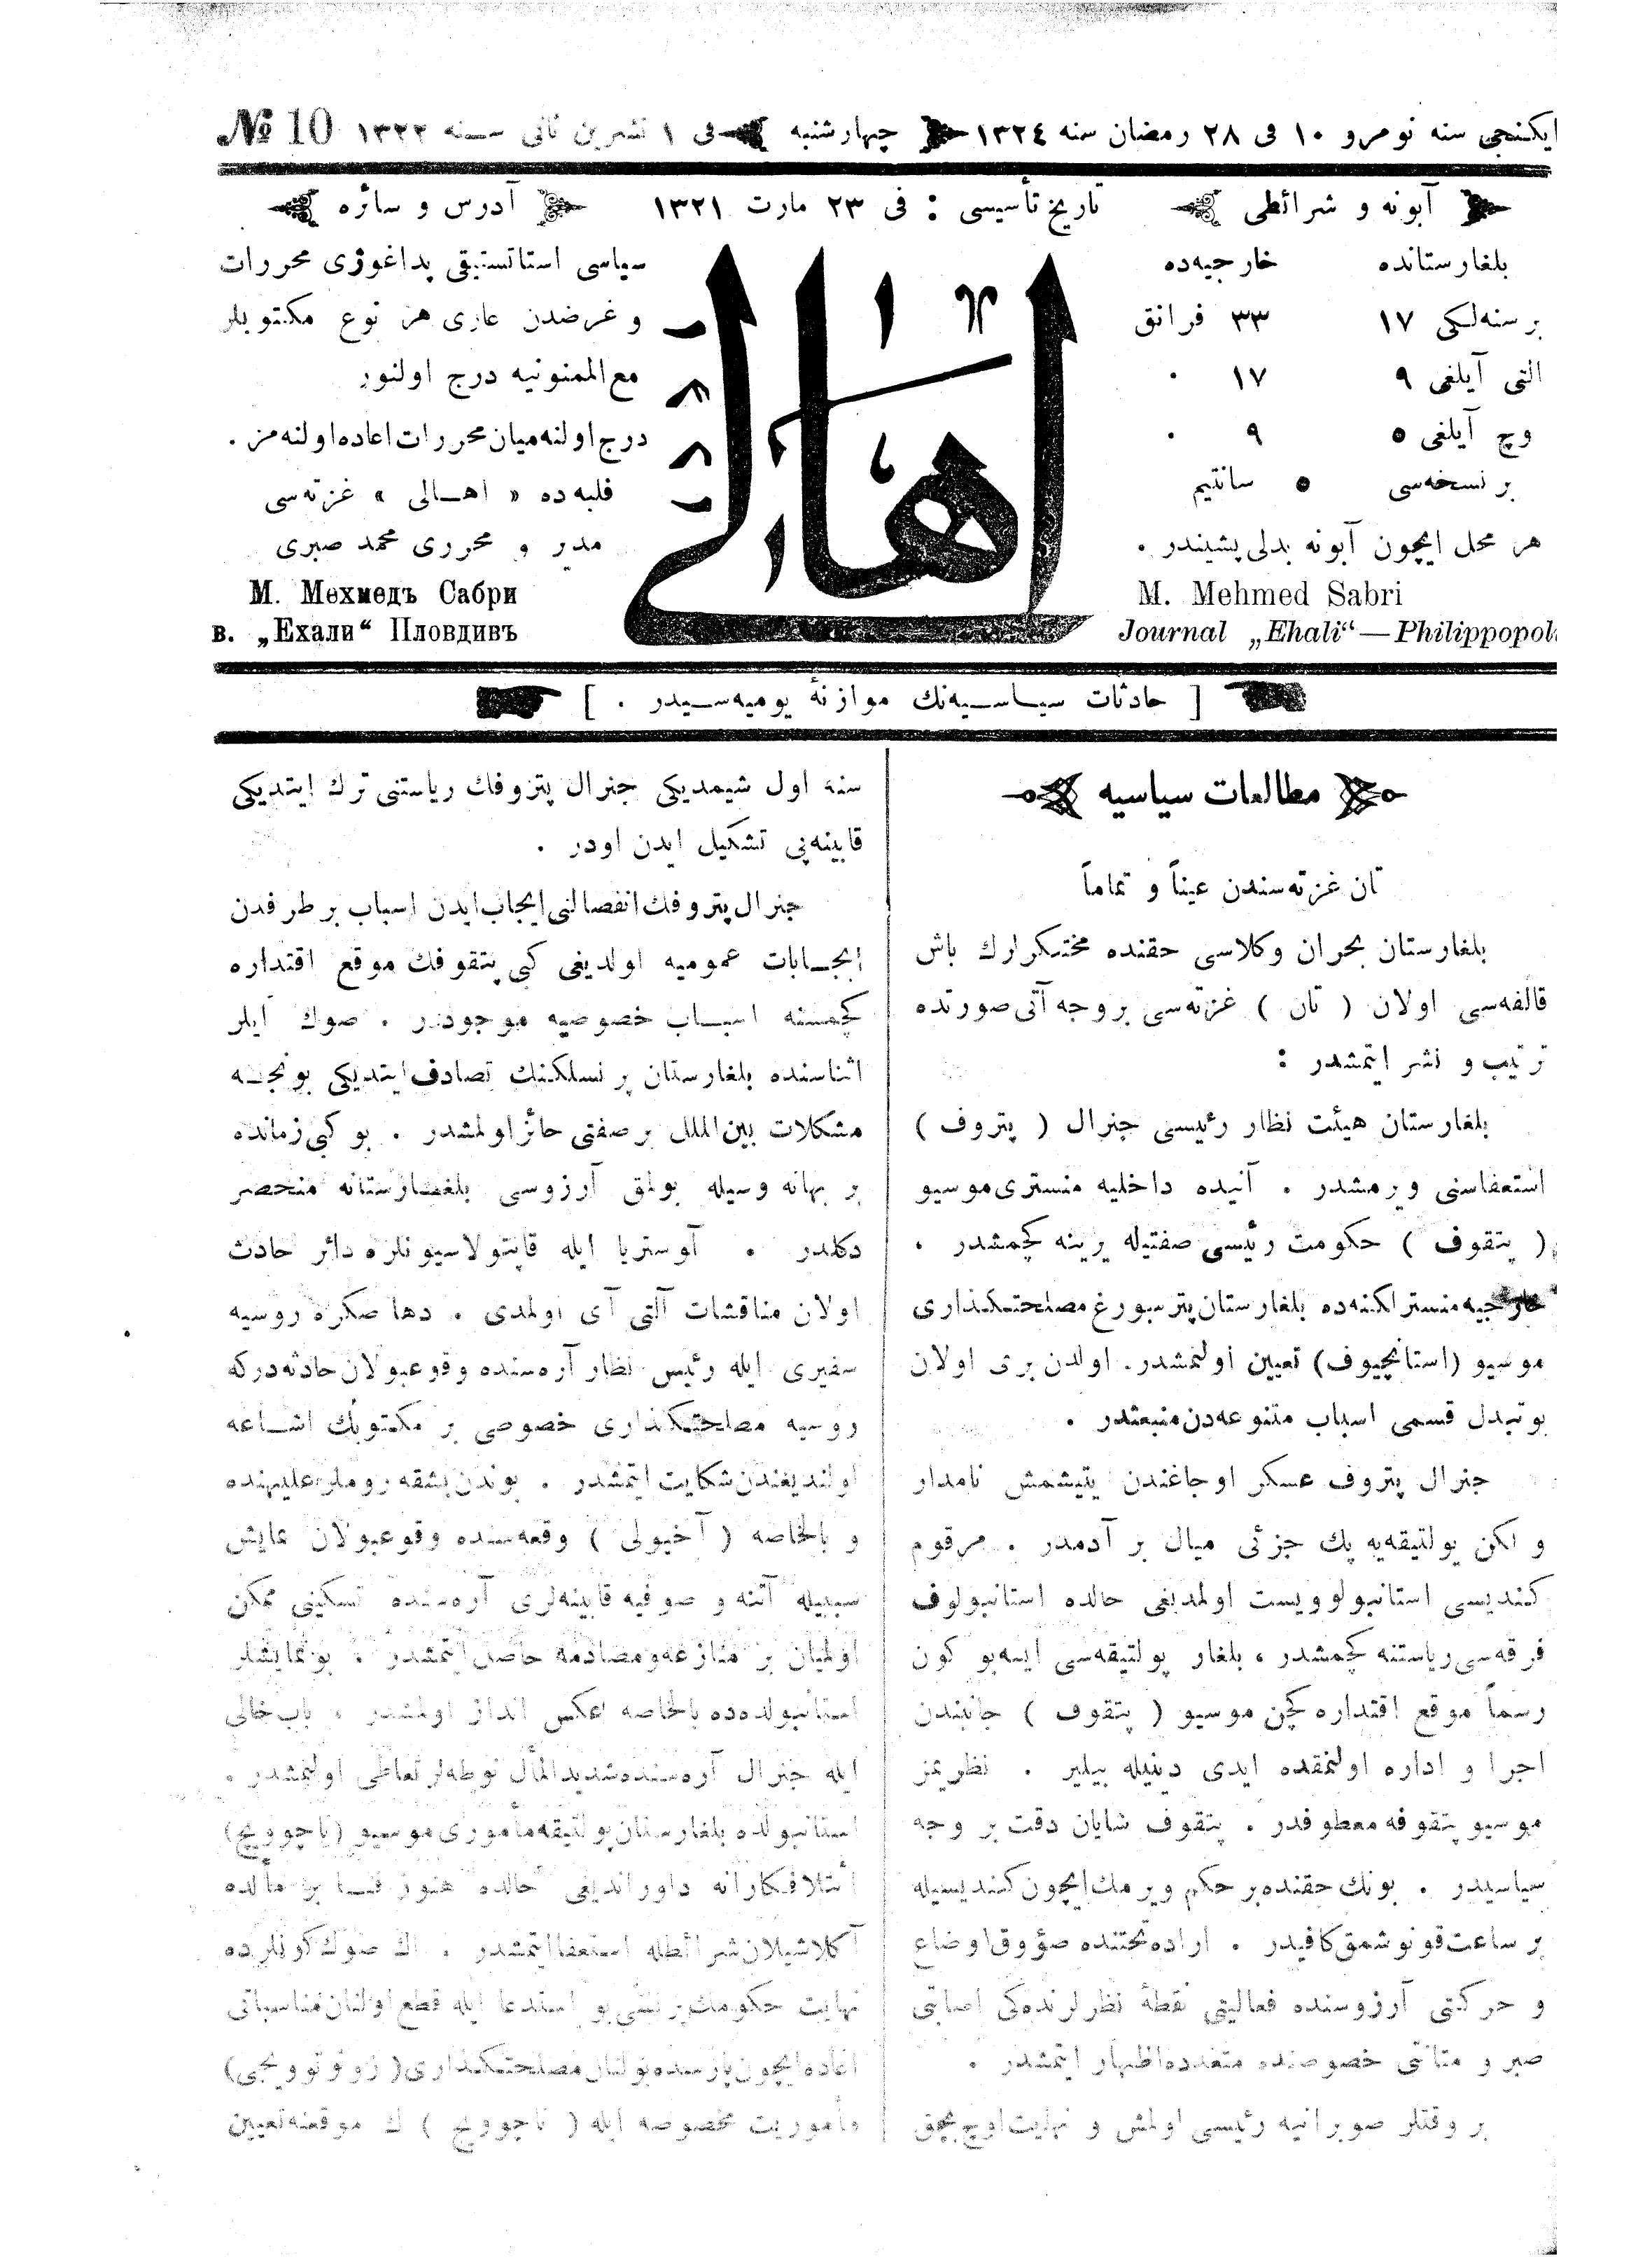 14 Kasım 1906 Tarihli Ahali (Filibe) Gazetesi Sayfa 1